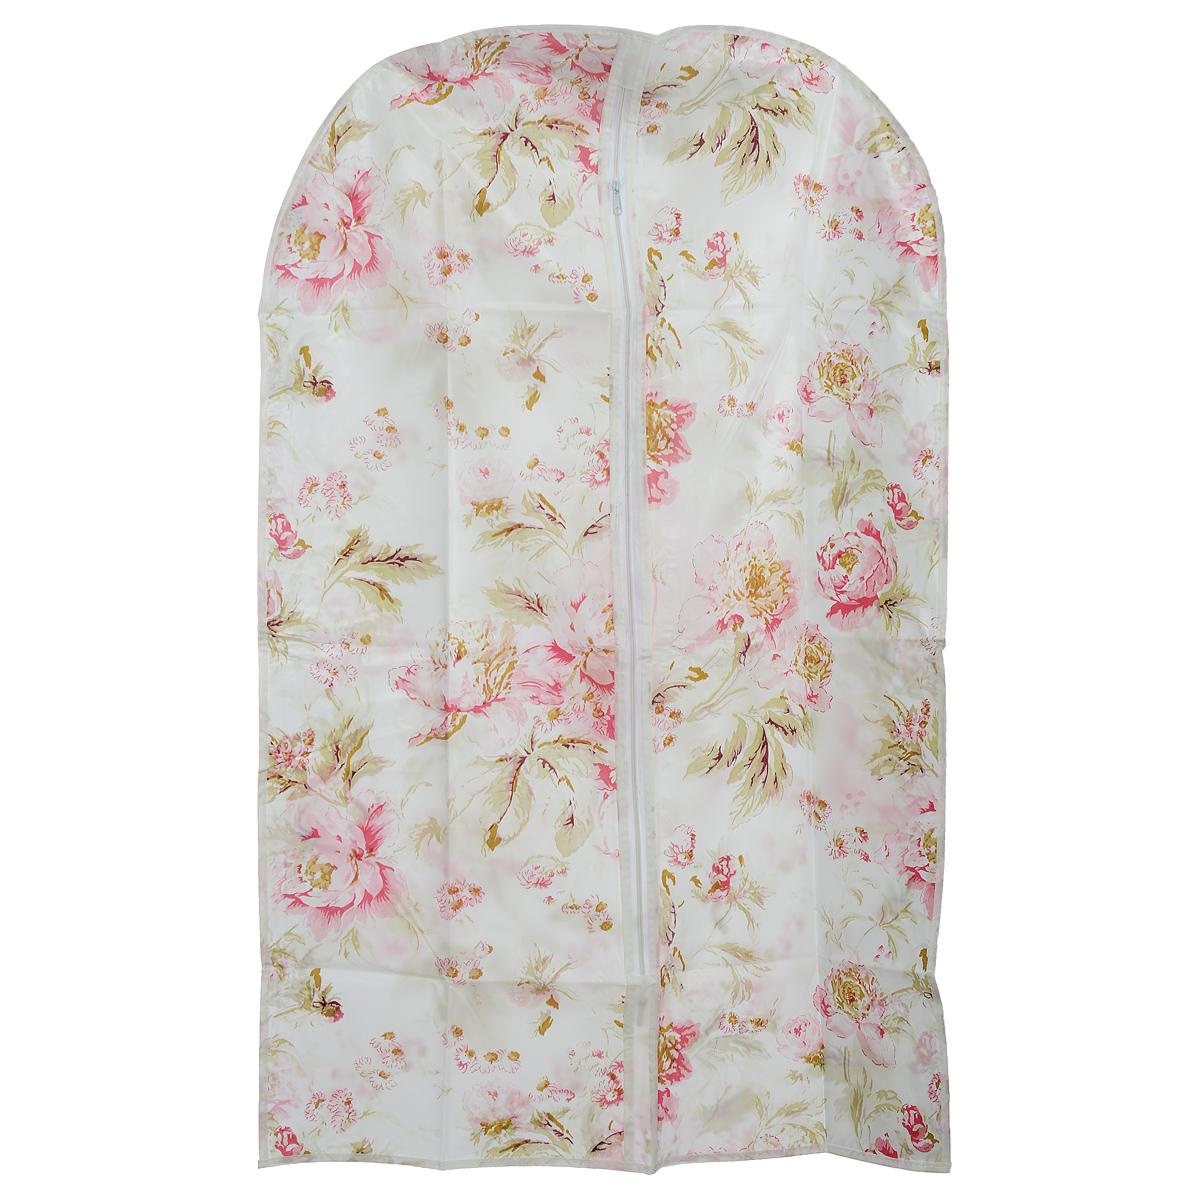 Чехол для одежды Eva Цветы, 60 х 92 см чехол для одежды eva с прозрачной вставкой цвет черный белый 60 х 150 см